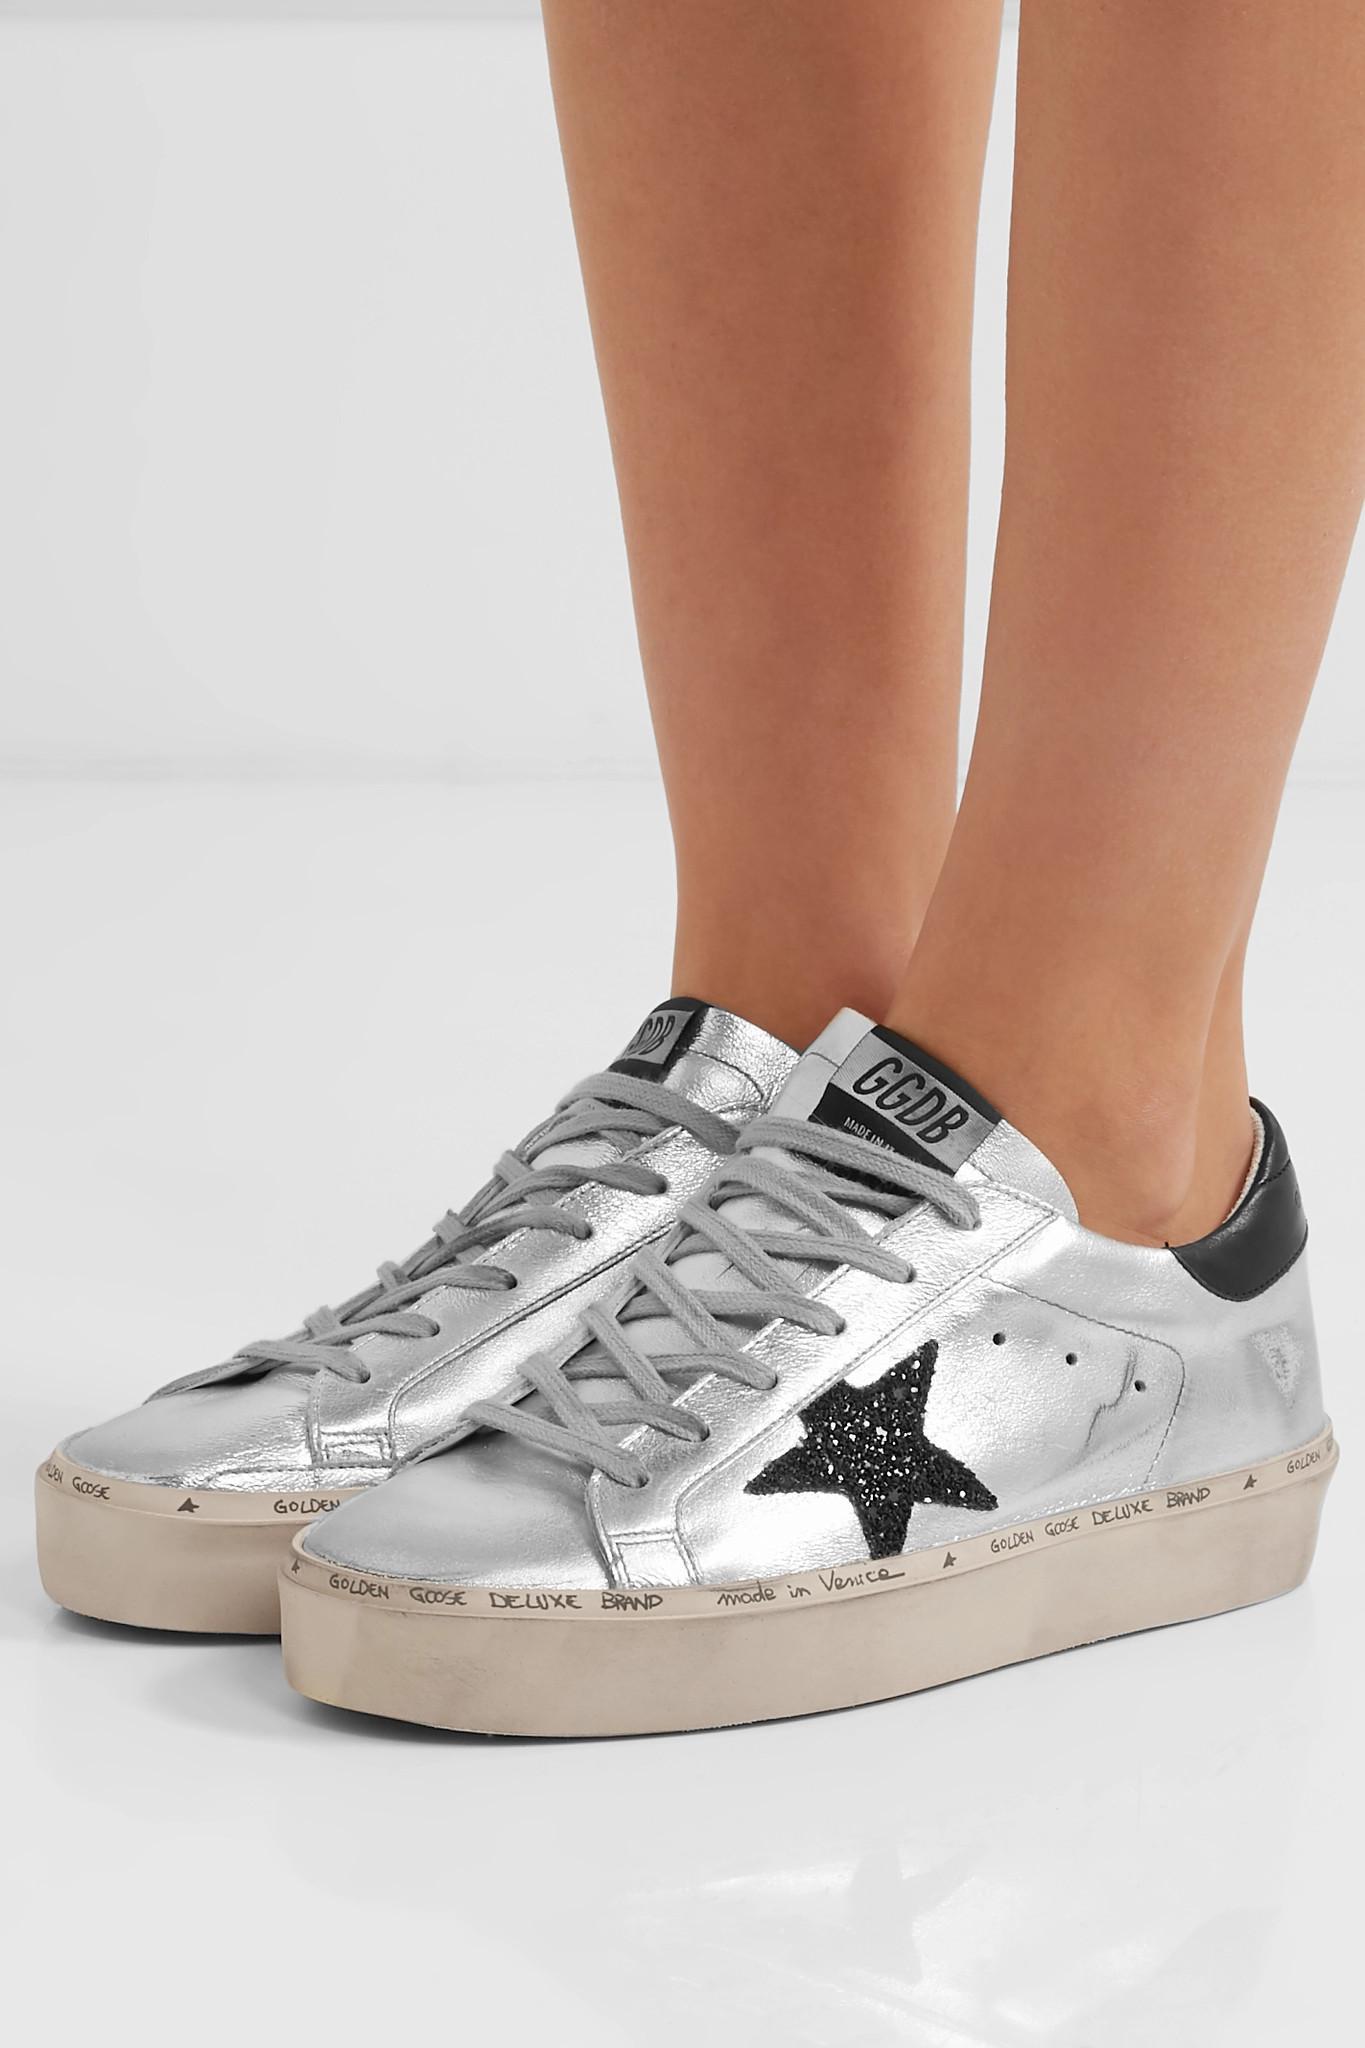 aa5772c9d187 ... Hi Star Glittered Distressed Metallic Leather Platform Sneakers - Lyst.  View fullscreen